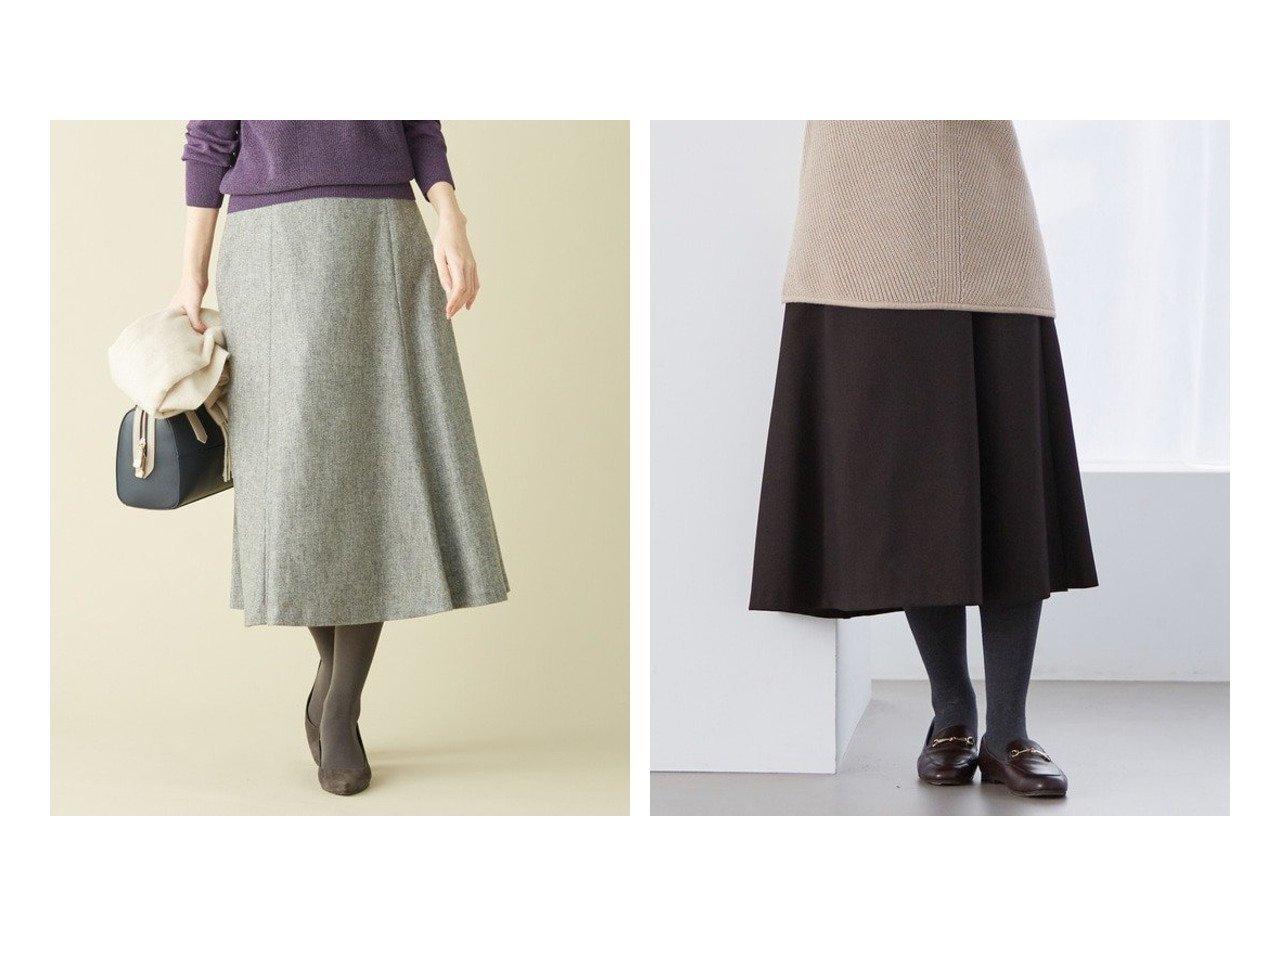 【J.PRESS/ジェイ プレス】の【シワになりにくい】洗えるLANATECシャークスキン スカート&Wシャンブレーツイル スカート スカートのおすすめ!人気、トレンド・レディースファッションの通販  おすすめで人気の流行・トレンド、ファッションの通販商品 メンズファッション・キッズファッション・インテリア・家具・レディースファッション・服の通販 founy(ファニー) https://founy.com/ ファッション Fashion レディースファッション WOMEN スカート Skirt 送料無料 Free Shipping なめらか ストレッチ フレア セットアップ フィット リアル 洗える |ID:crp329100000009755